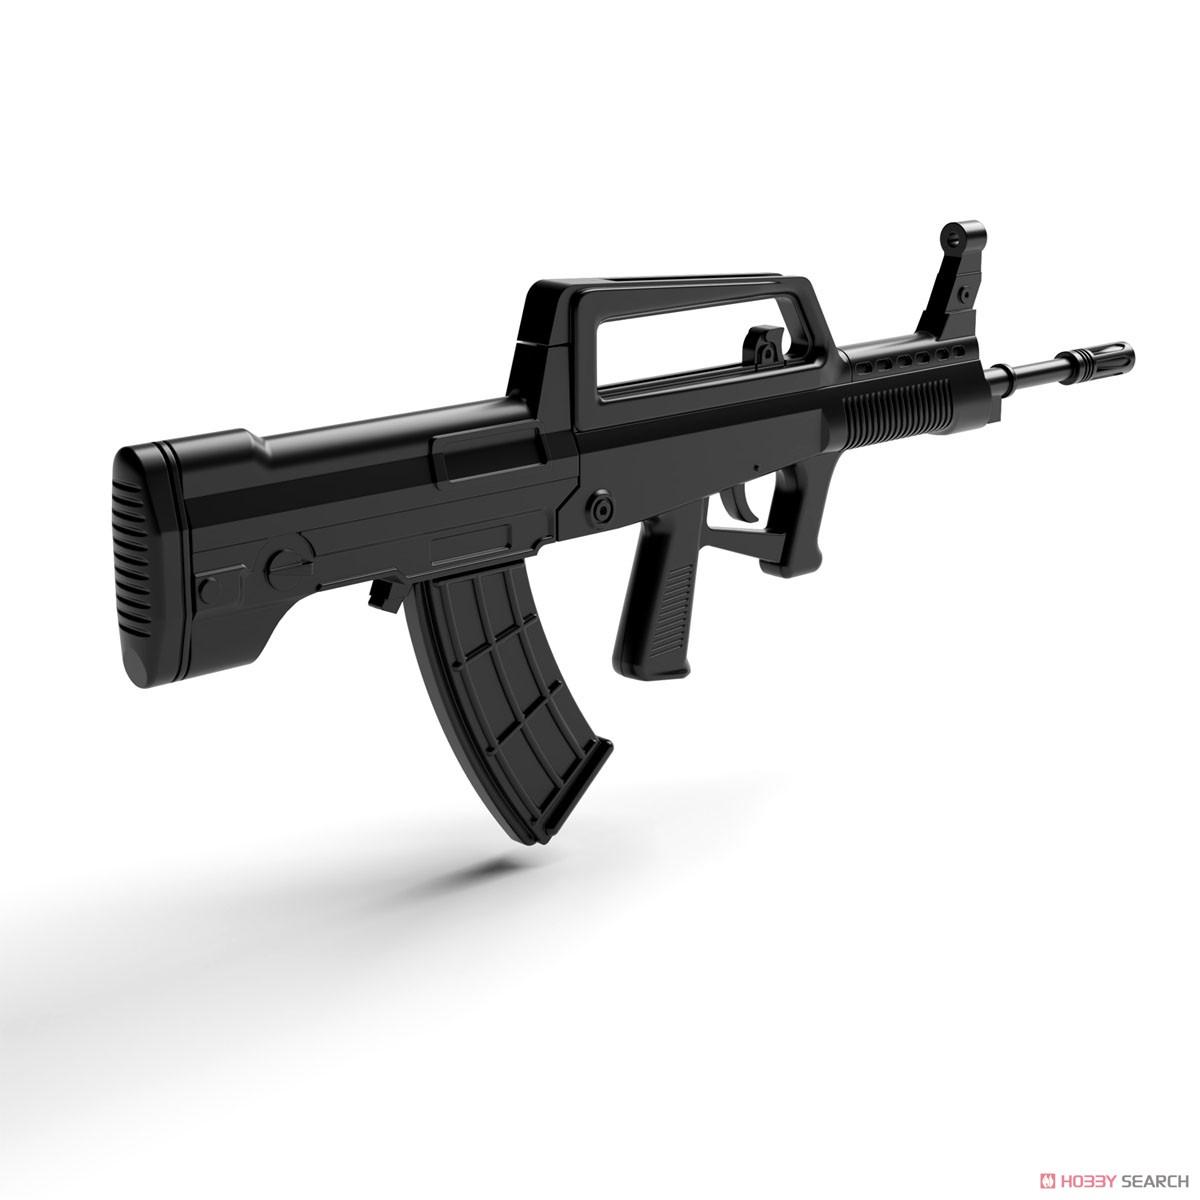 リトルアーモリー LADF01『ドールズフロントライン95式自動歩槍タイプ』1/12 プラモデル-005